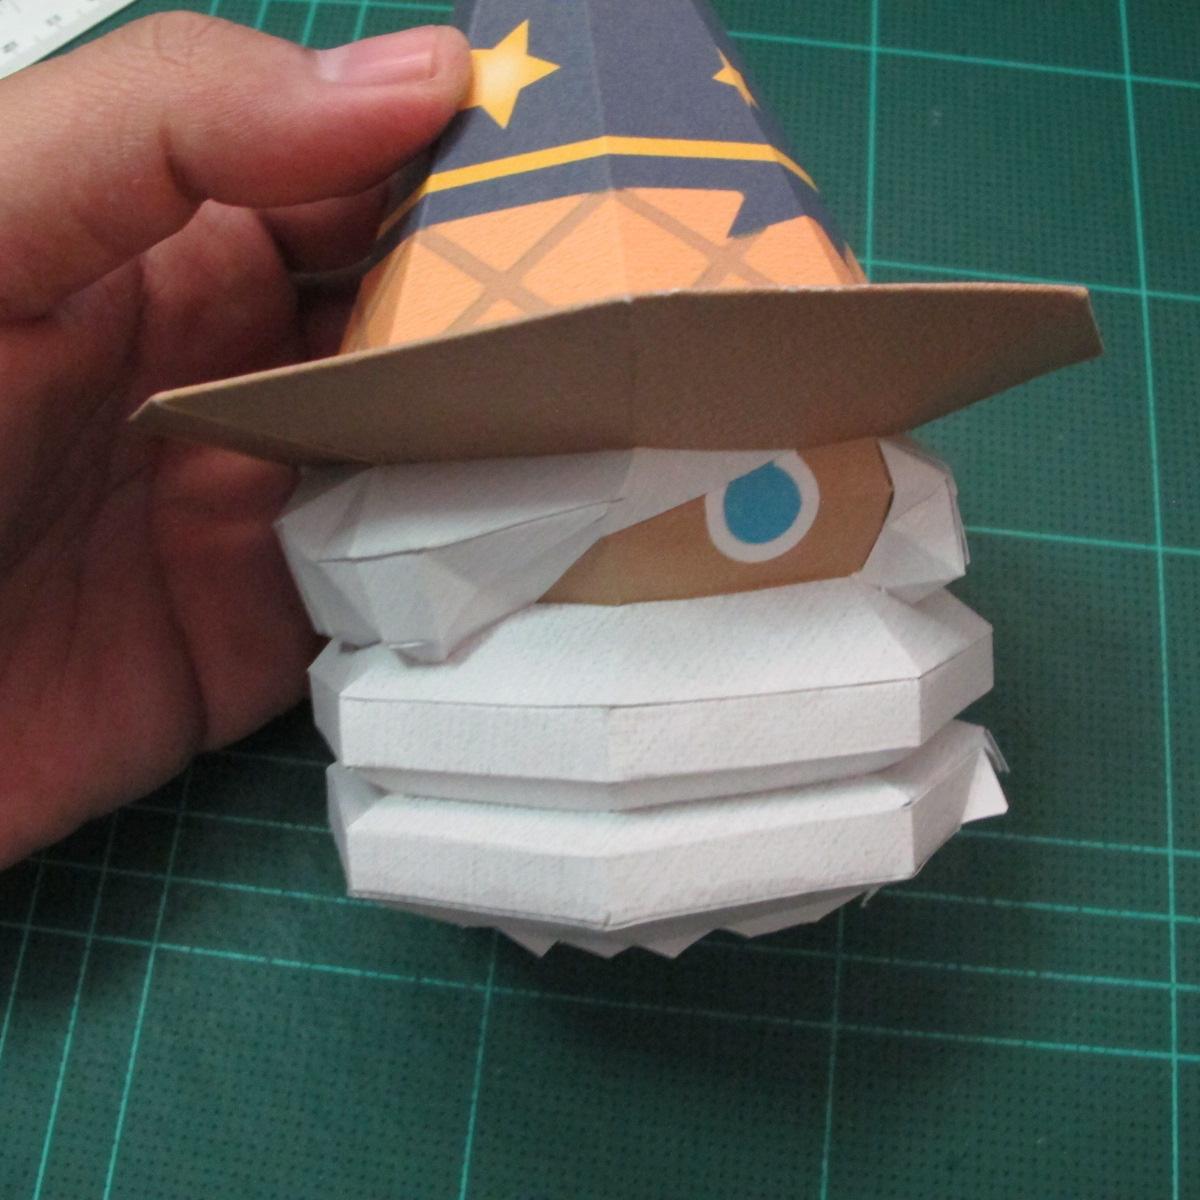 วิธีทำโมเดลกระดาษของเล่นคุกกี้รัน คุกกี้รสพ่อมด (Cookie Run Wizard Cookie Papercraft Model) 050